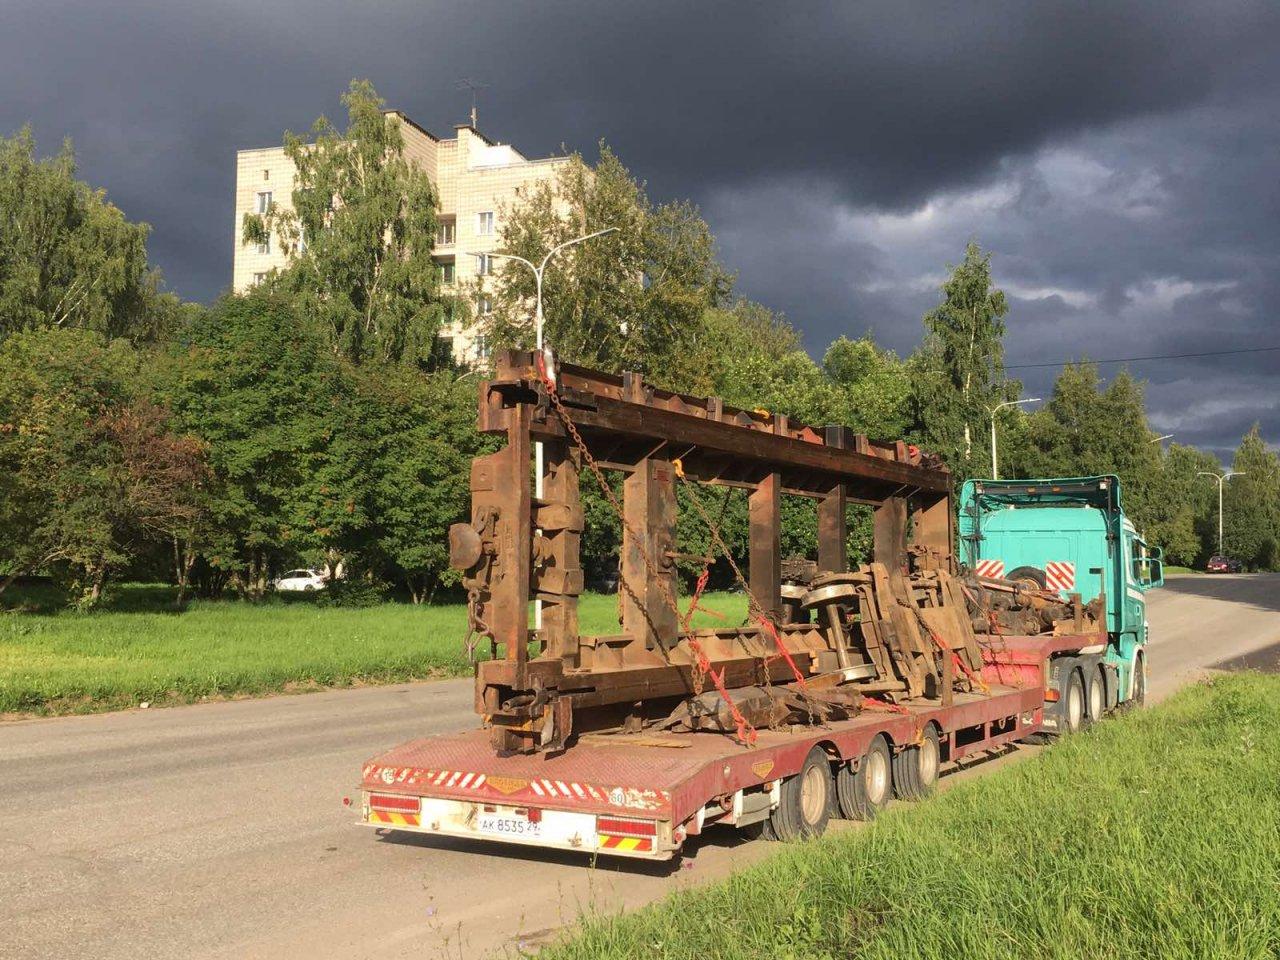 В Музее железной дороги в Каринторфе появился новый экспонат